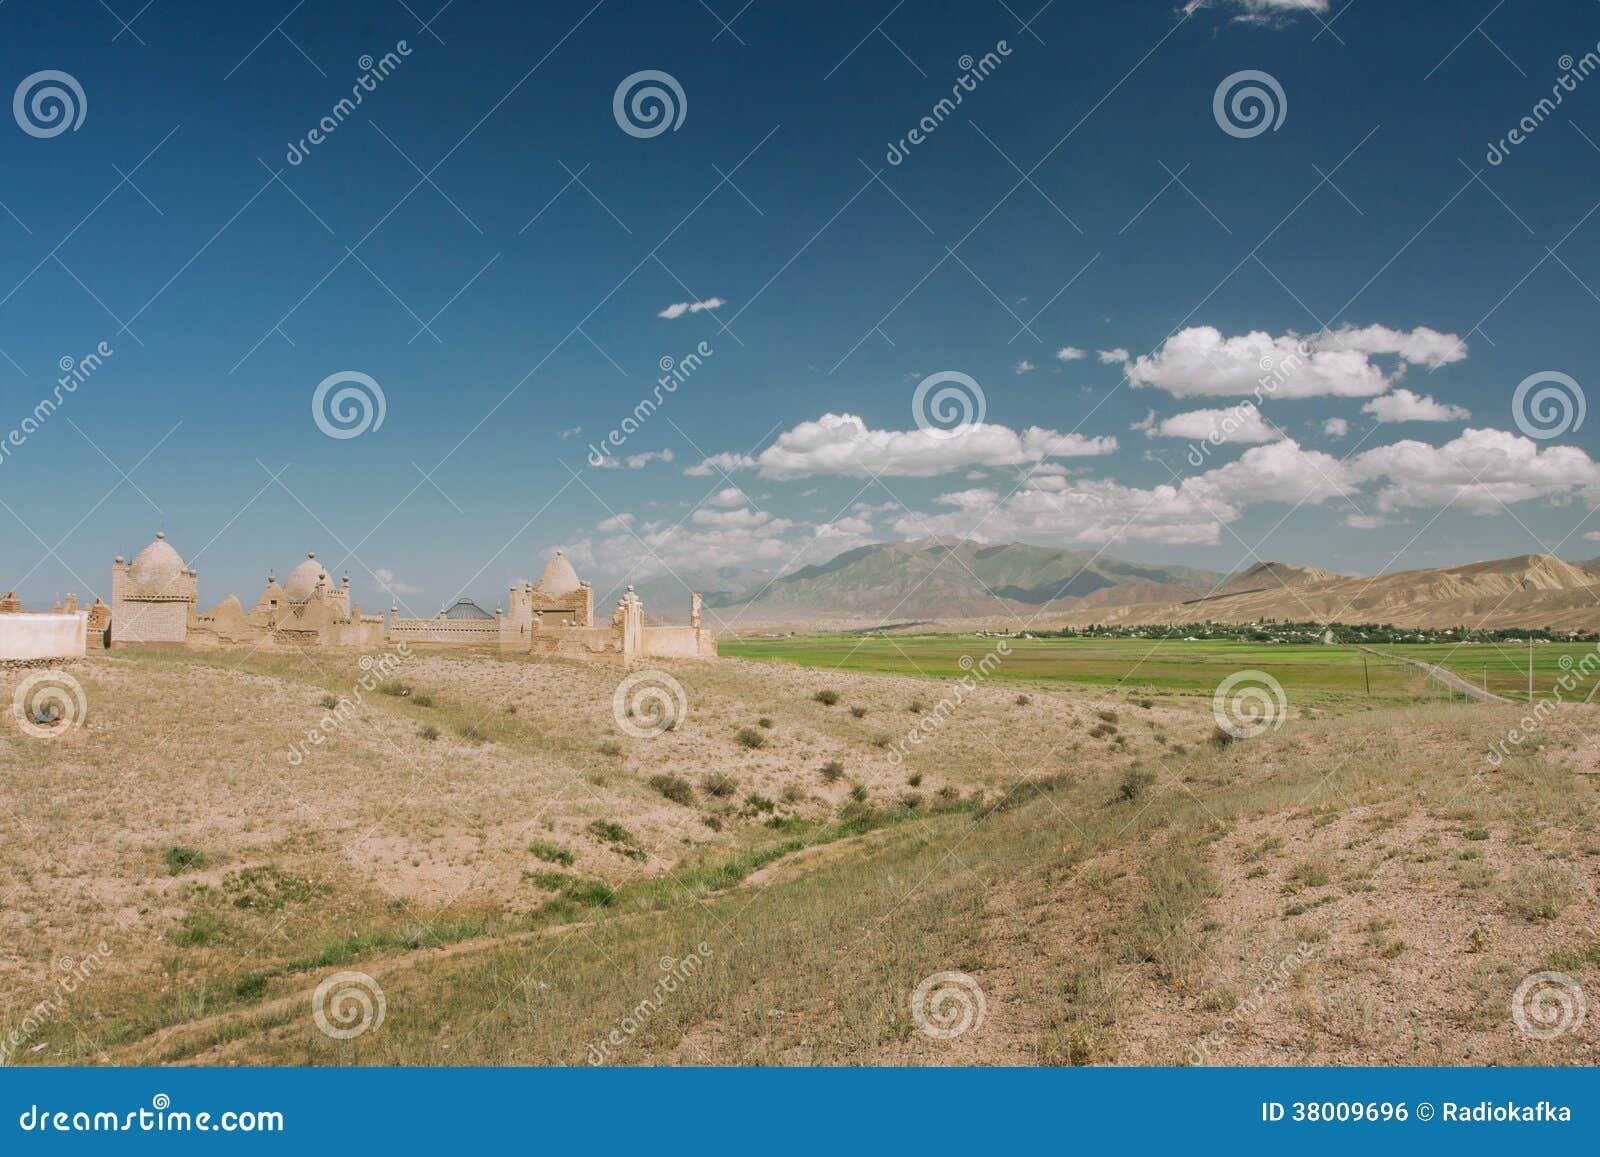 Berglandschap met historische Moslimbegraafplaats in het Midden-Oosten